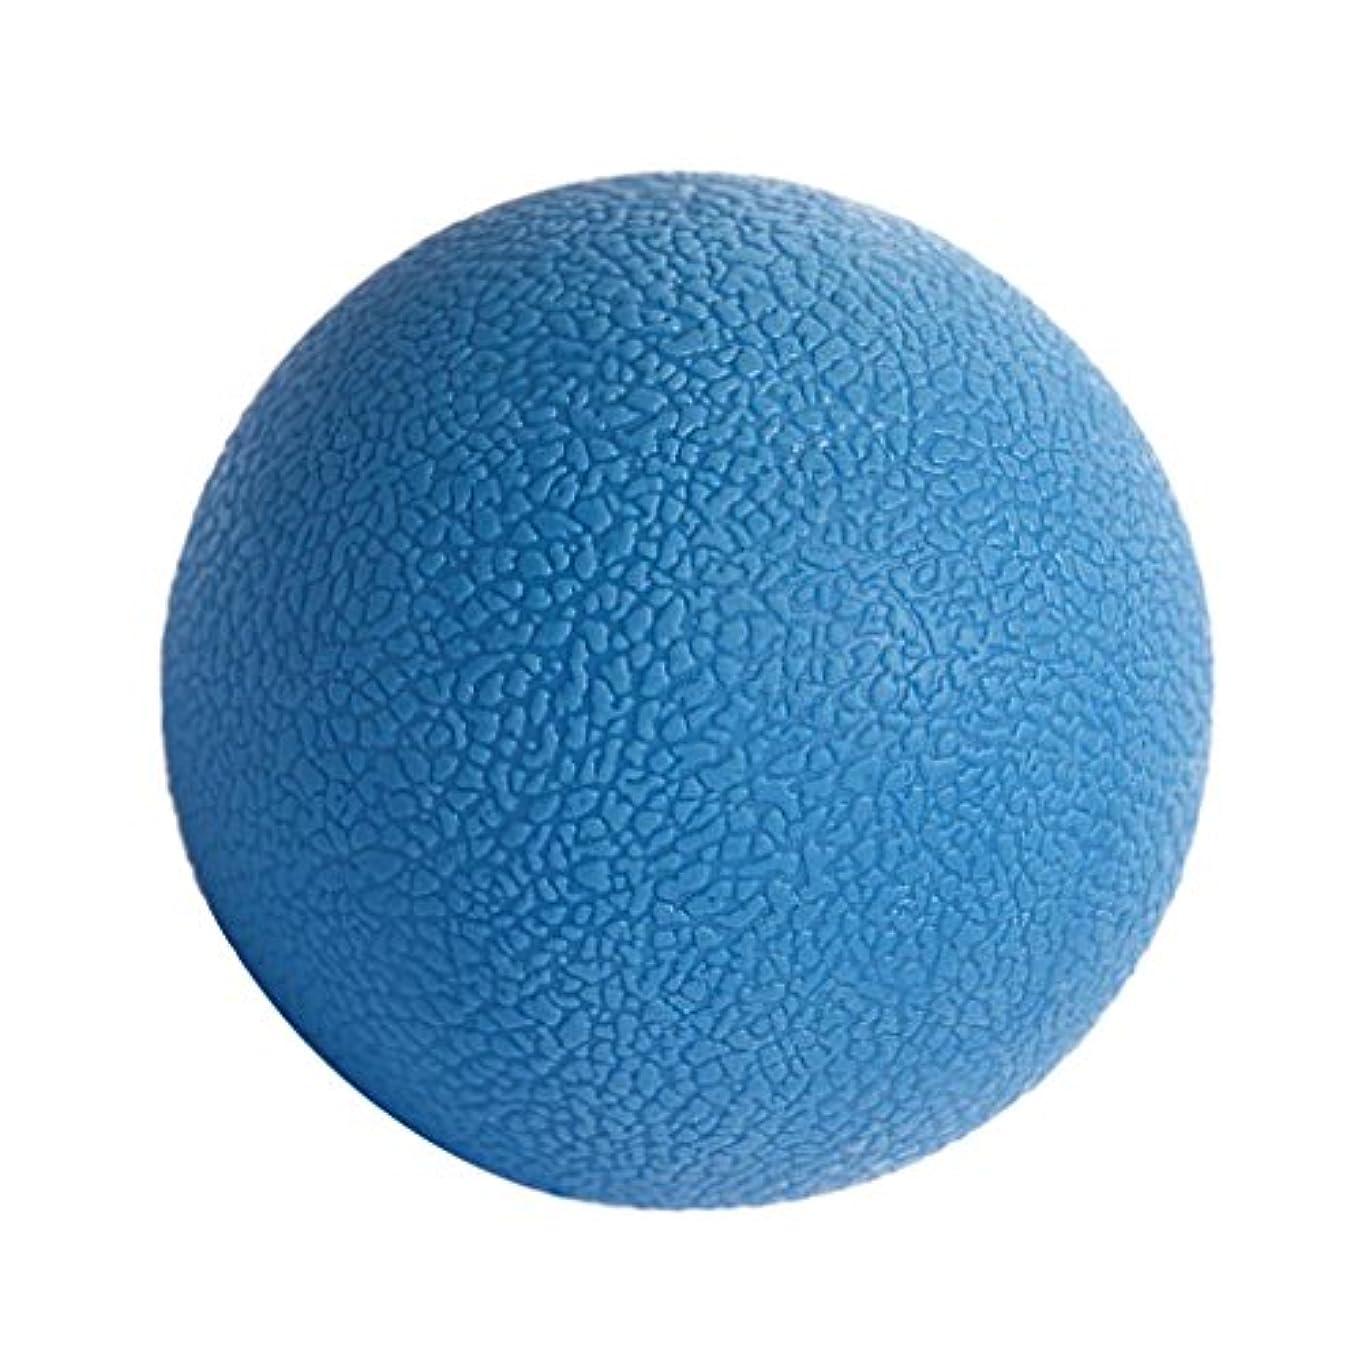 せっかちお風呂送ったKesoto マッサージボール ジムフィットネス 筋肉マッサージ ボール トリガーポイント 4色選べる - 青